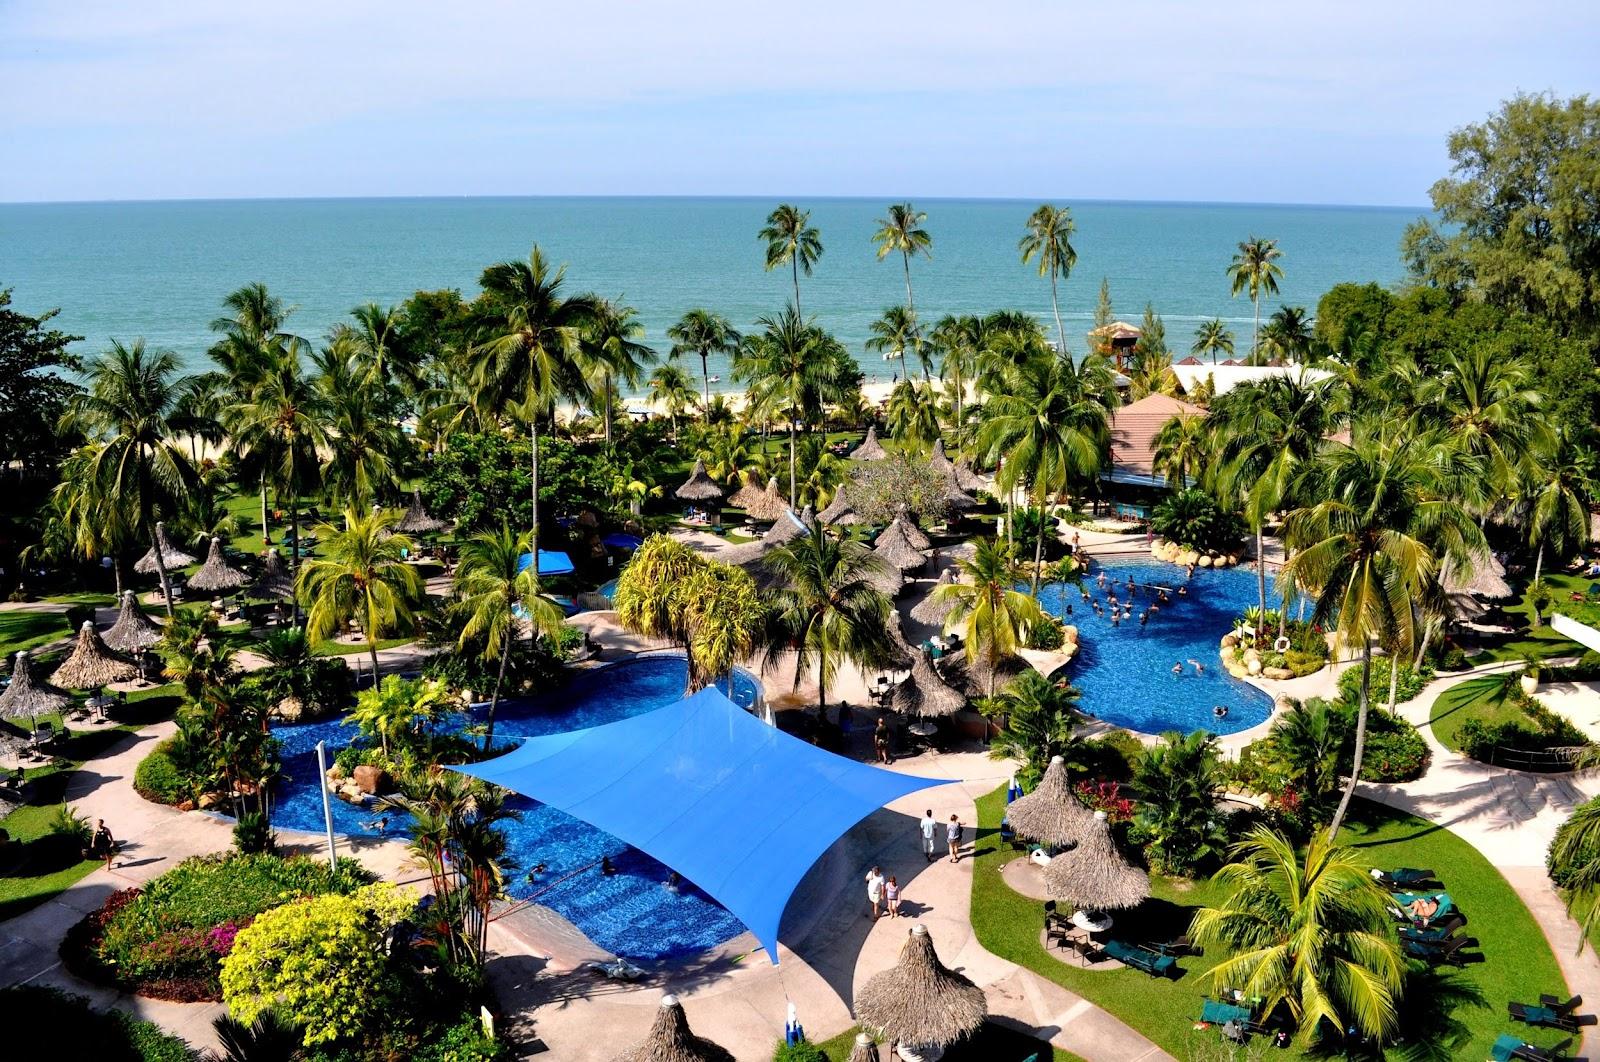 penang-batu-ferringhi-shangri-la-resort-palms-pool-sunny